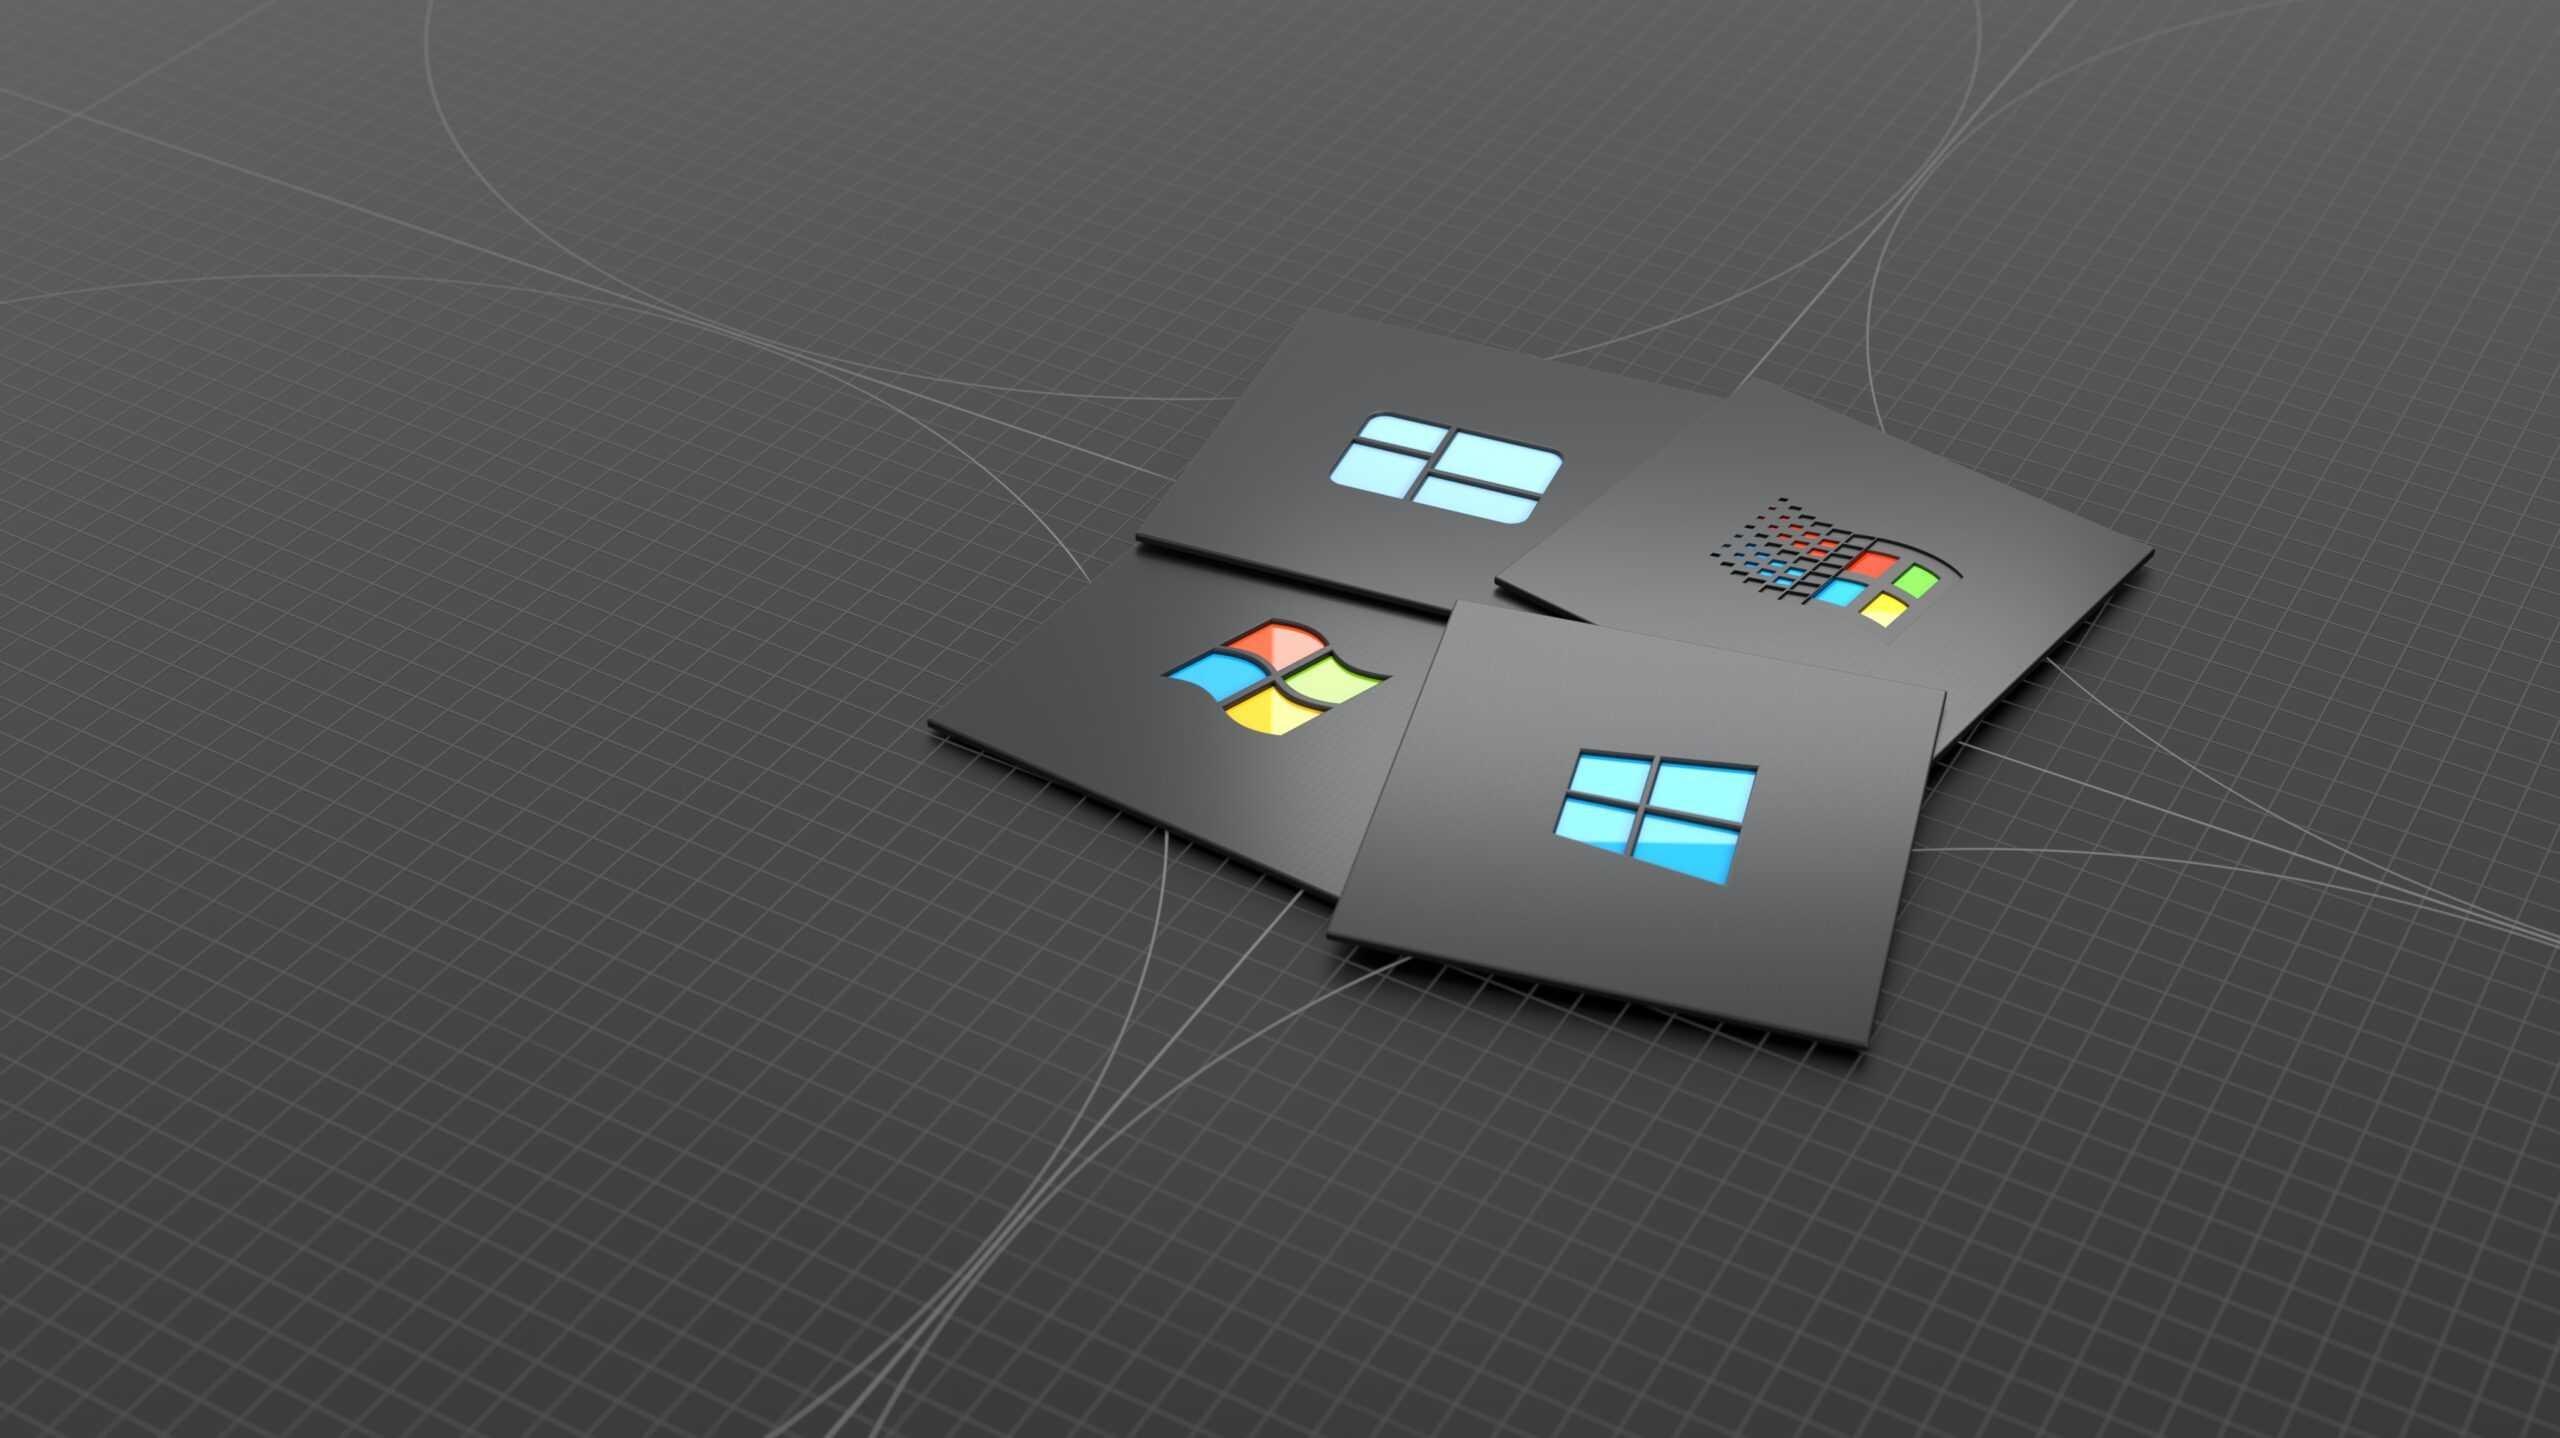 Windows 10 20H2 atteint près de 15% de part d'utilisateurs